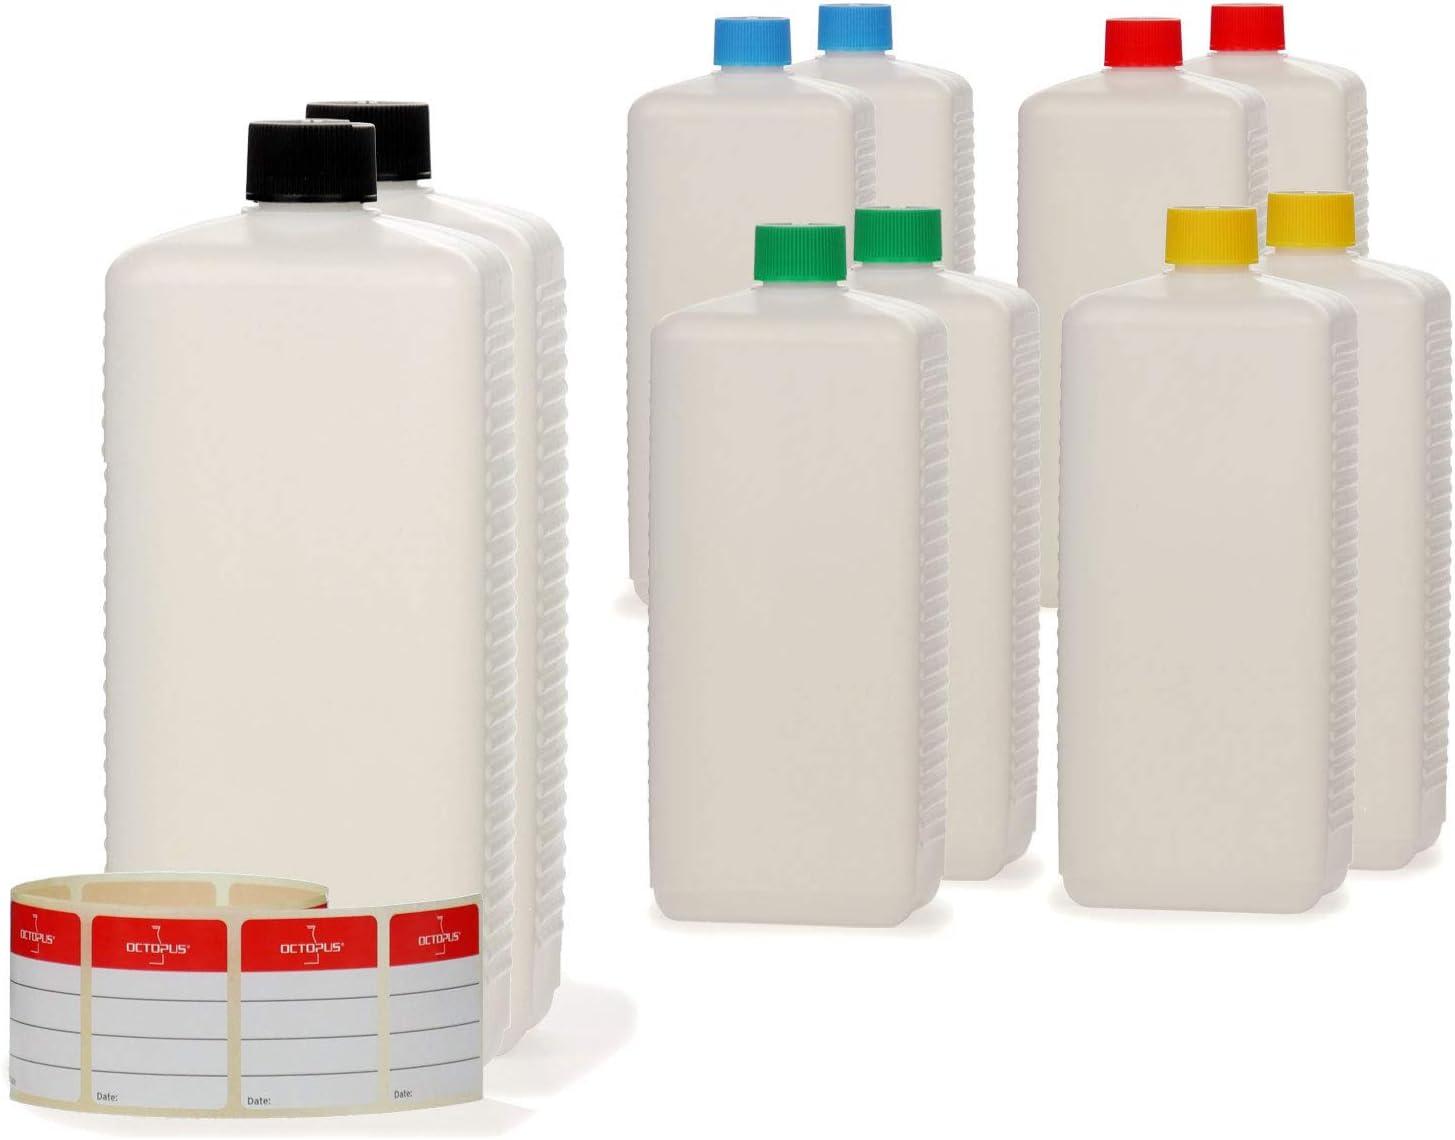 10x 1000ml Octopus botellas de plástico, HDPE botellas de plástico con multicolores agarraderas, vacío botellas botellas de cuadrado con tapa de rosca., incluye etiquetas etiquetas